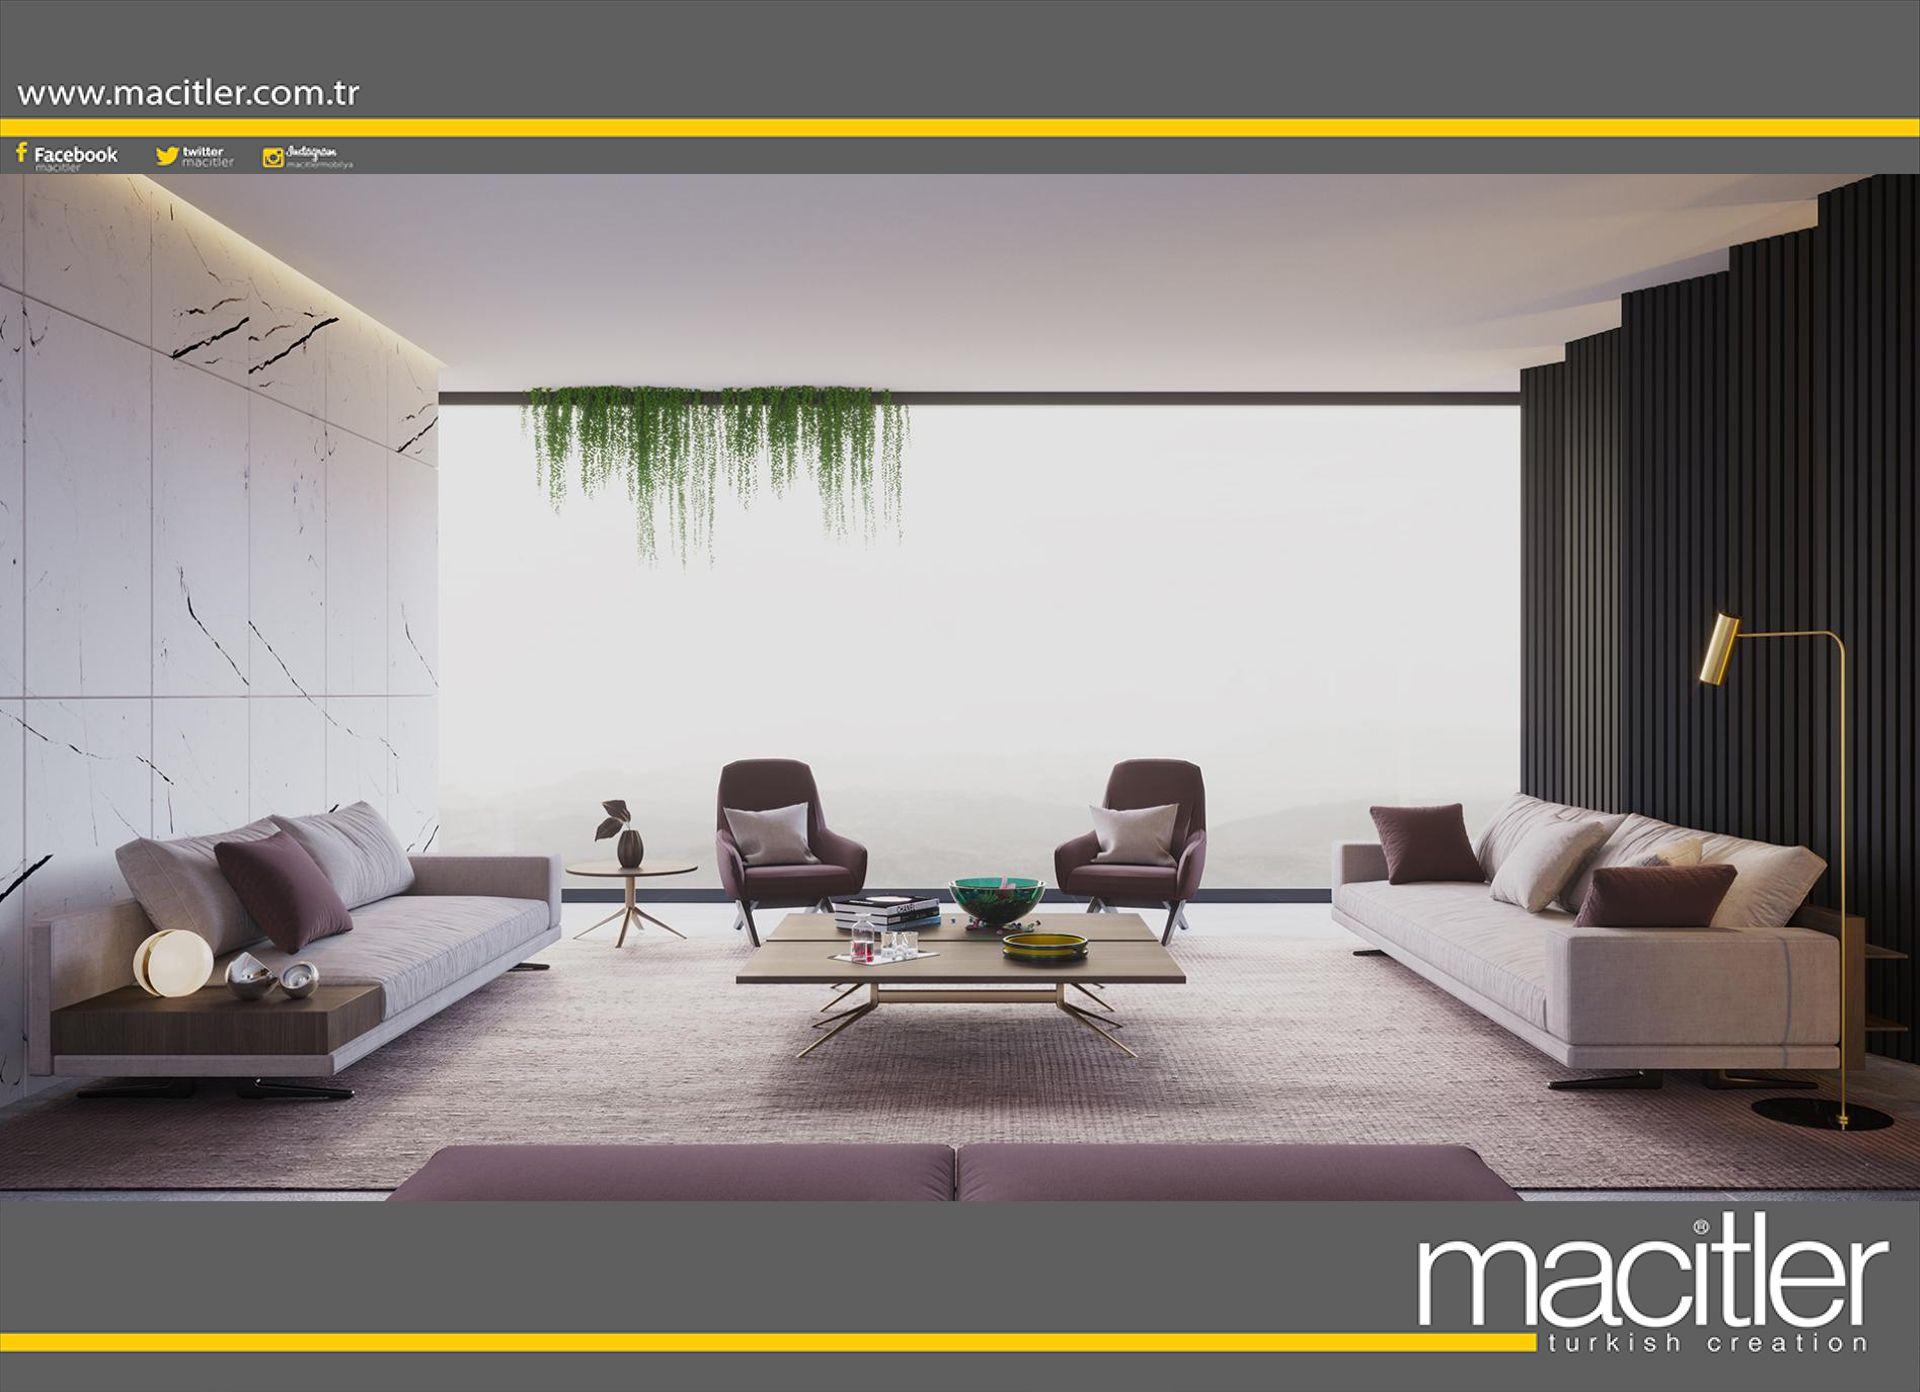 Oturma Odanizin Stilini Belirleyecek Modern Koltuk Takimlari Size Ozel Olcu Ve Renkte Macitler Mobilya Magazalarinda M Mobilya Oturma Odalari Ev Dekorasyonu